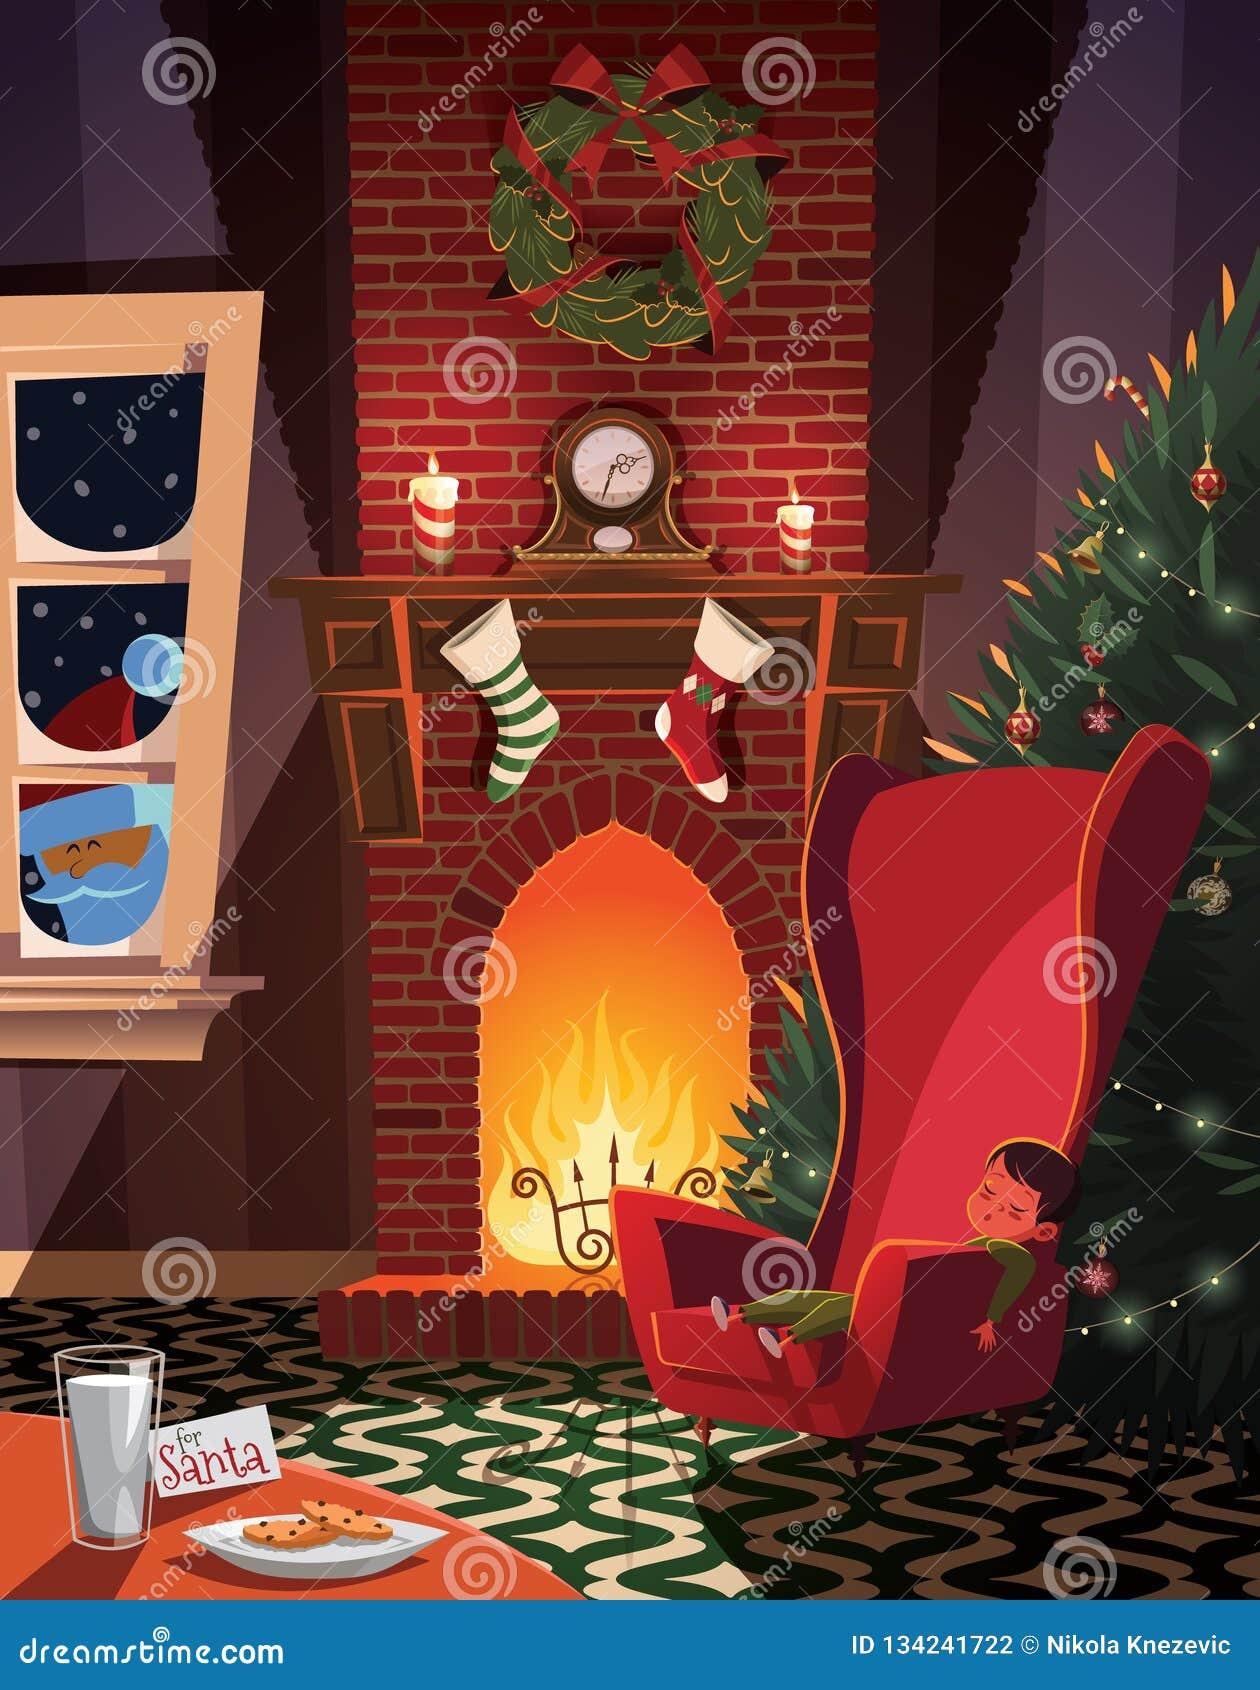 Schlafendes Kind Wartesankt in Weihnachten verziertem Raum